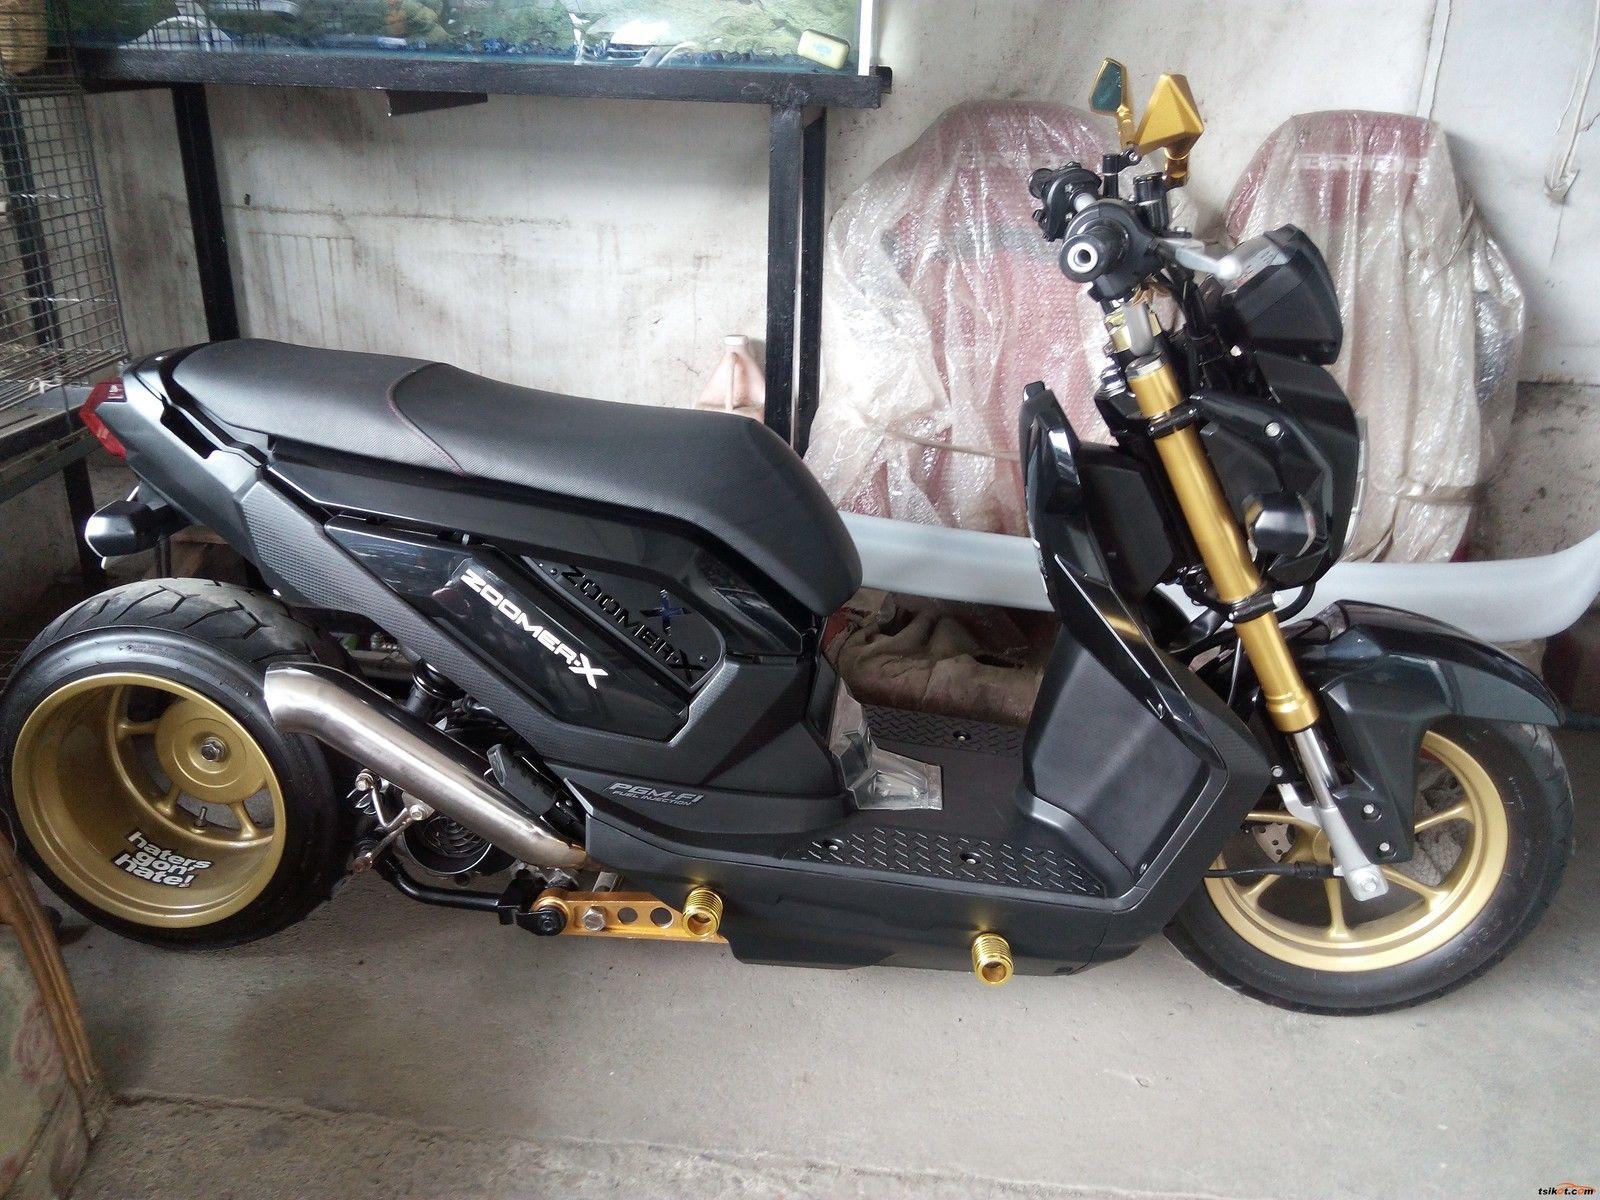 Honda Ruckus Price Philippines Check More At Https Www Corinthiancollection Com Honda Honda Honda Honda Ruckus New Honda